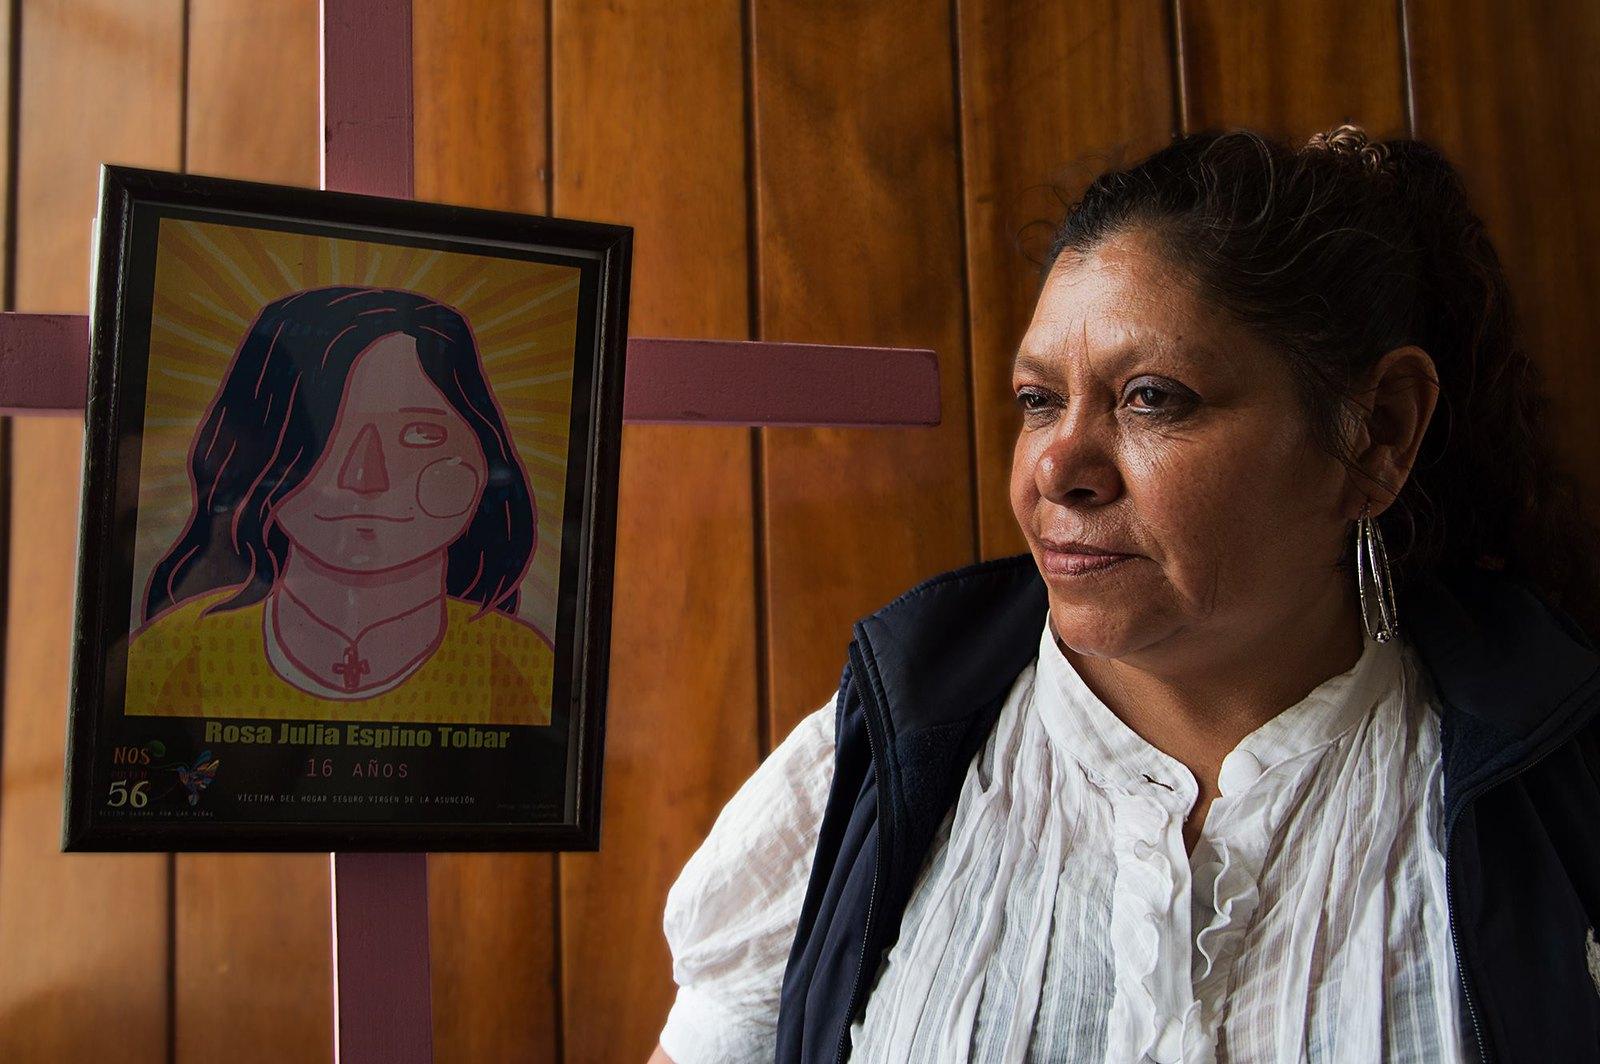 Rosa Tobar es mdre de Rosa Julio Espino Tobar de 16 años